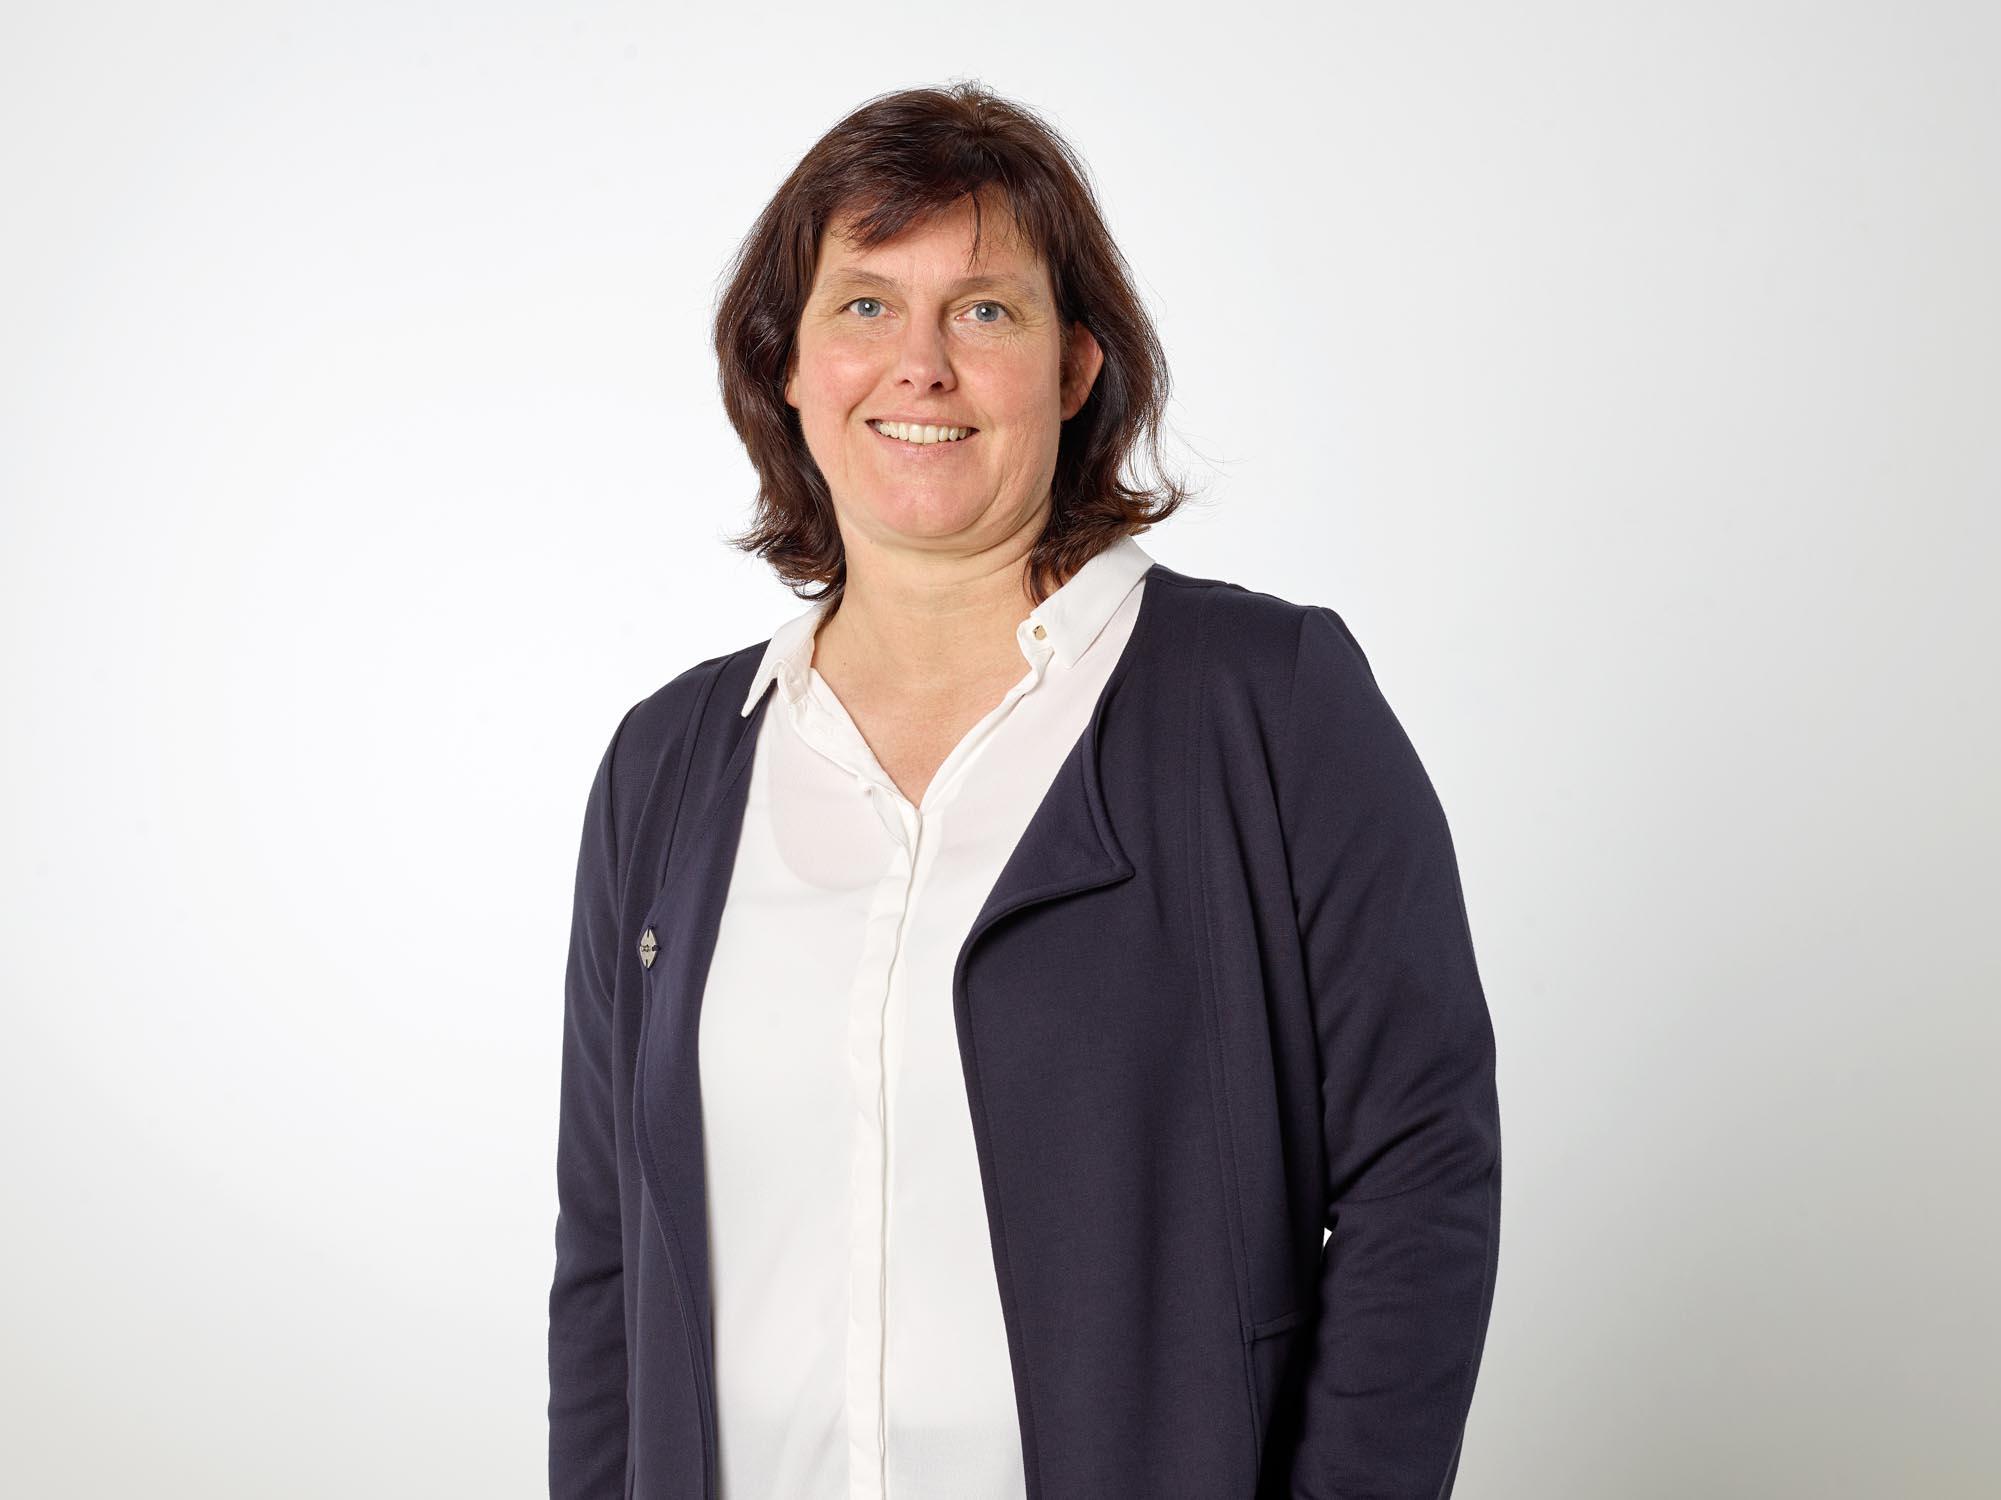 Marion Kugler